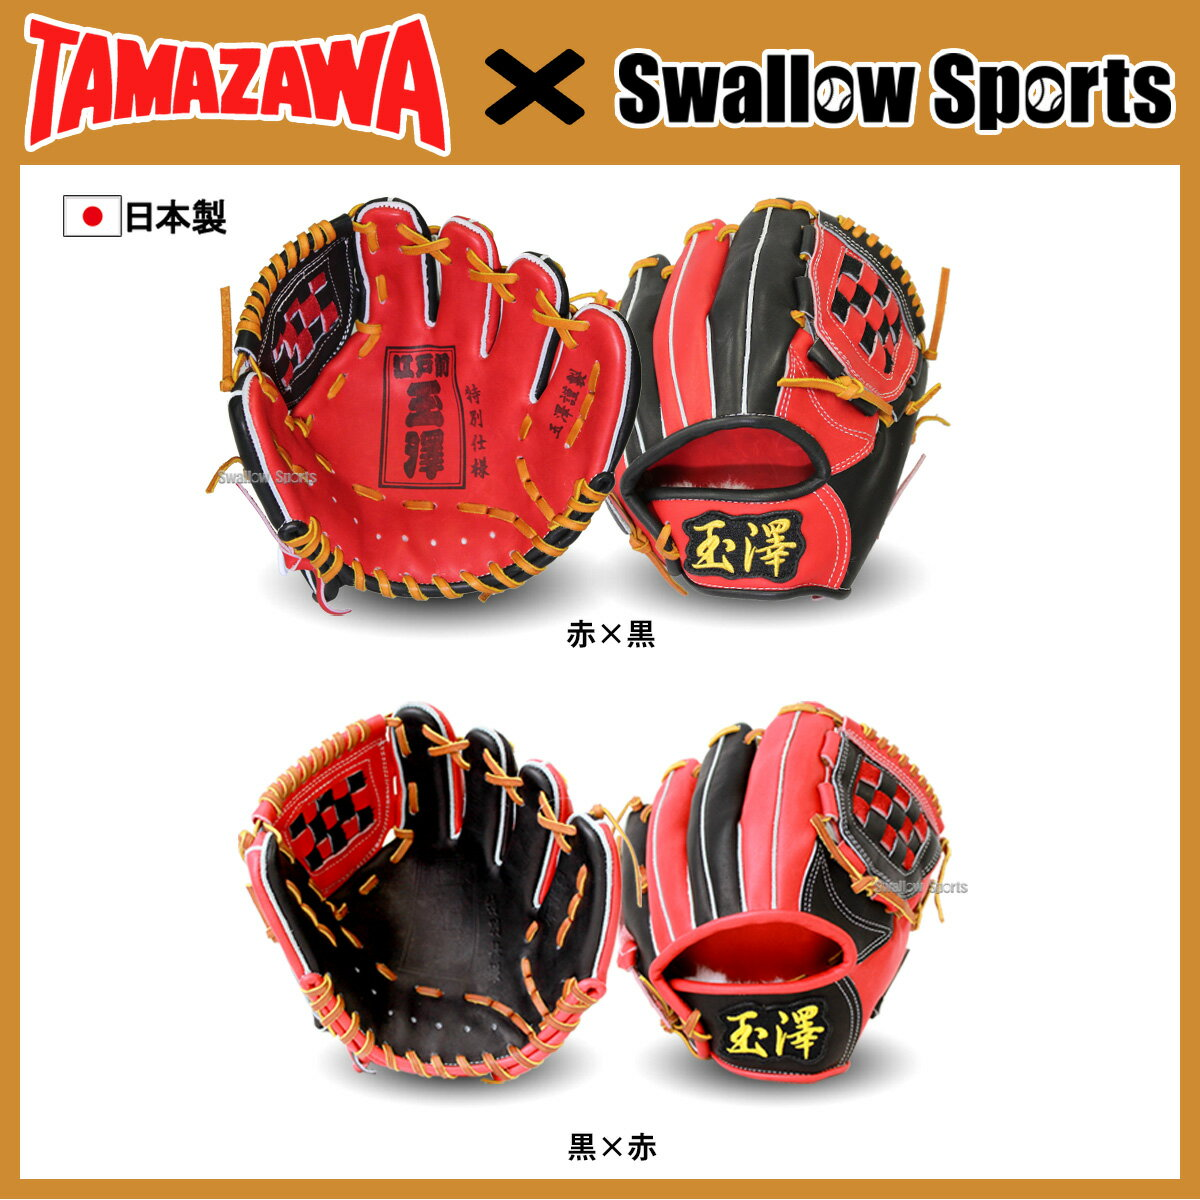 【あす楽対応】 玉澤 タマザワ スワロー限定 トレーニンググローブ グラブ TTG-15SW グローブ 硬式 野球用品 スワロースポーツ